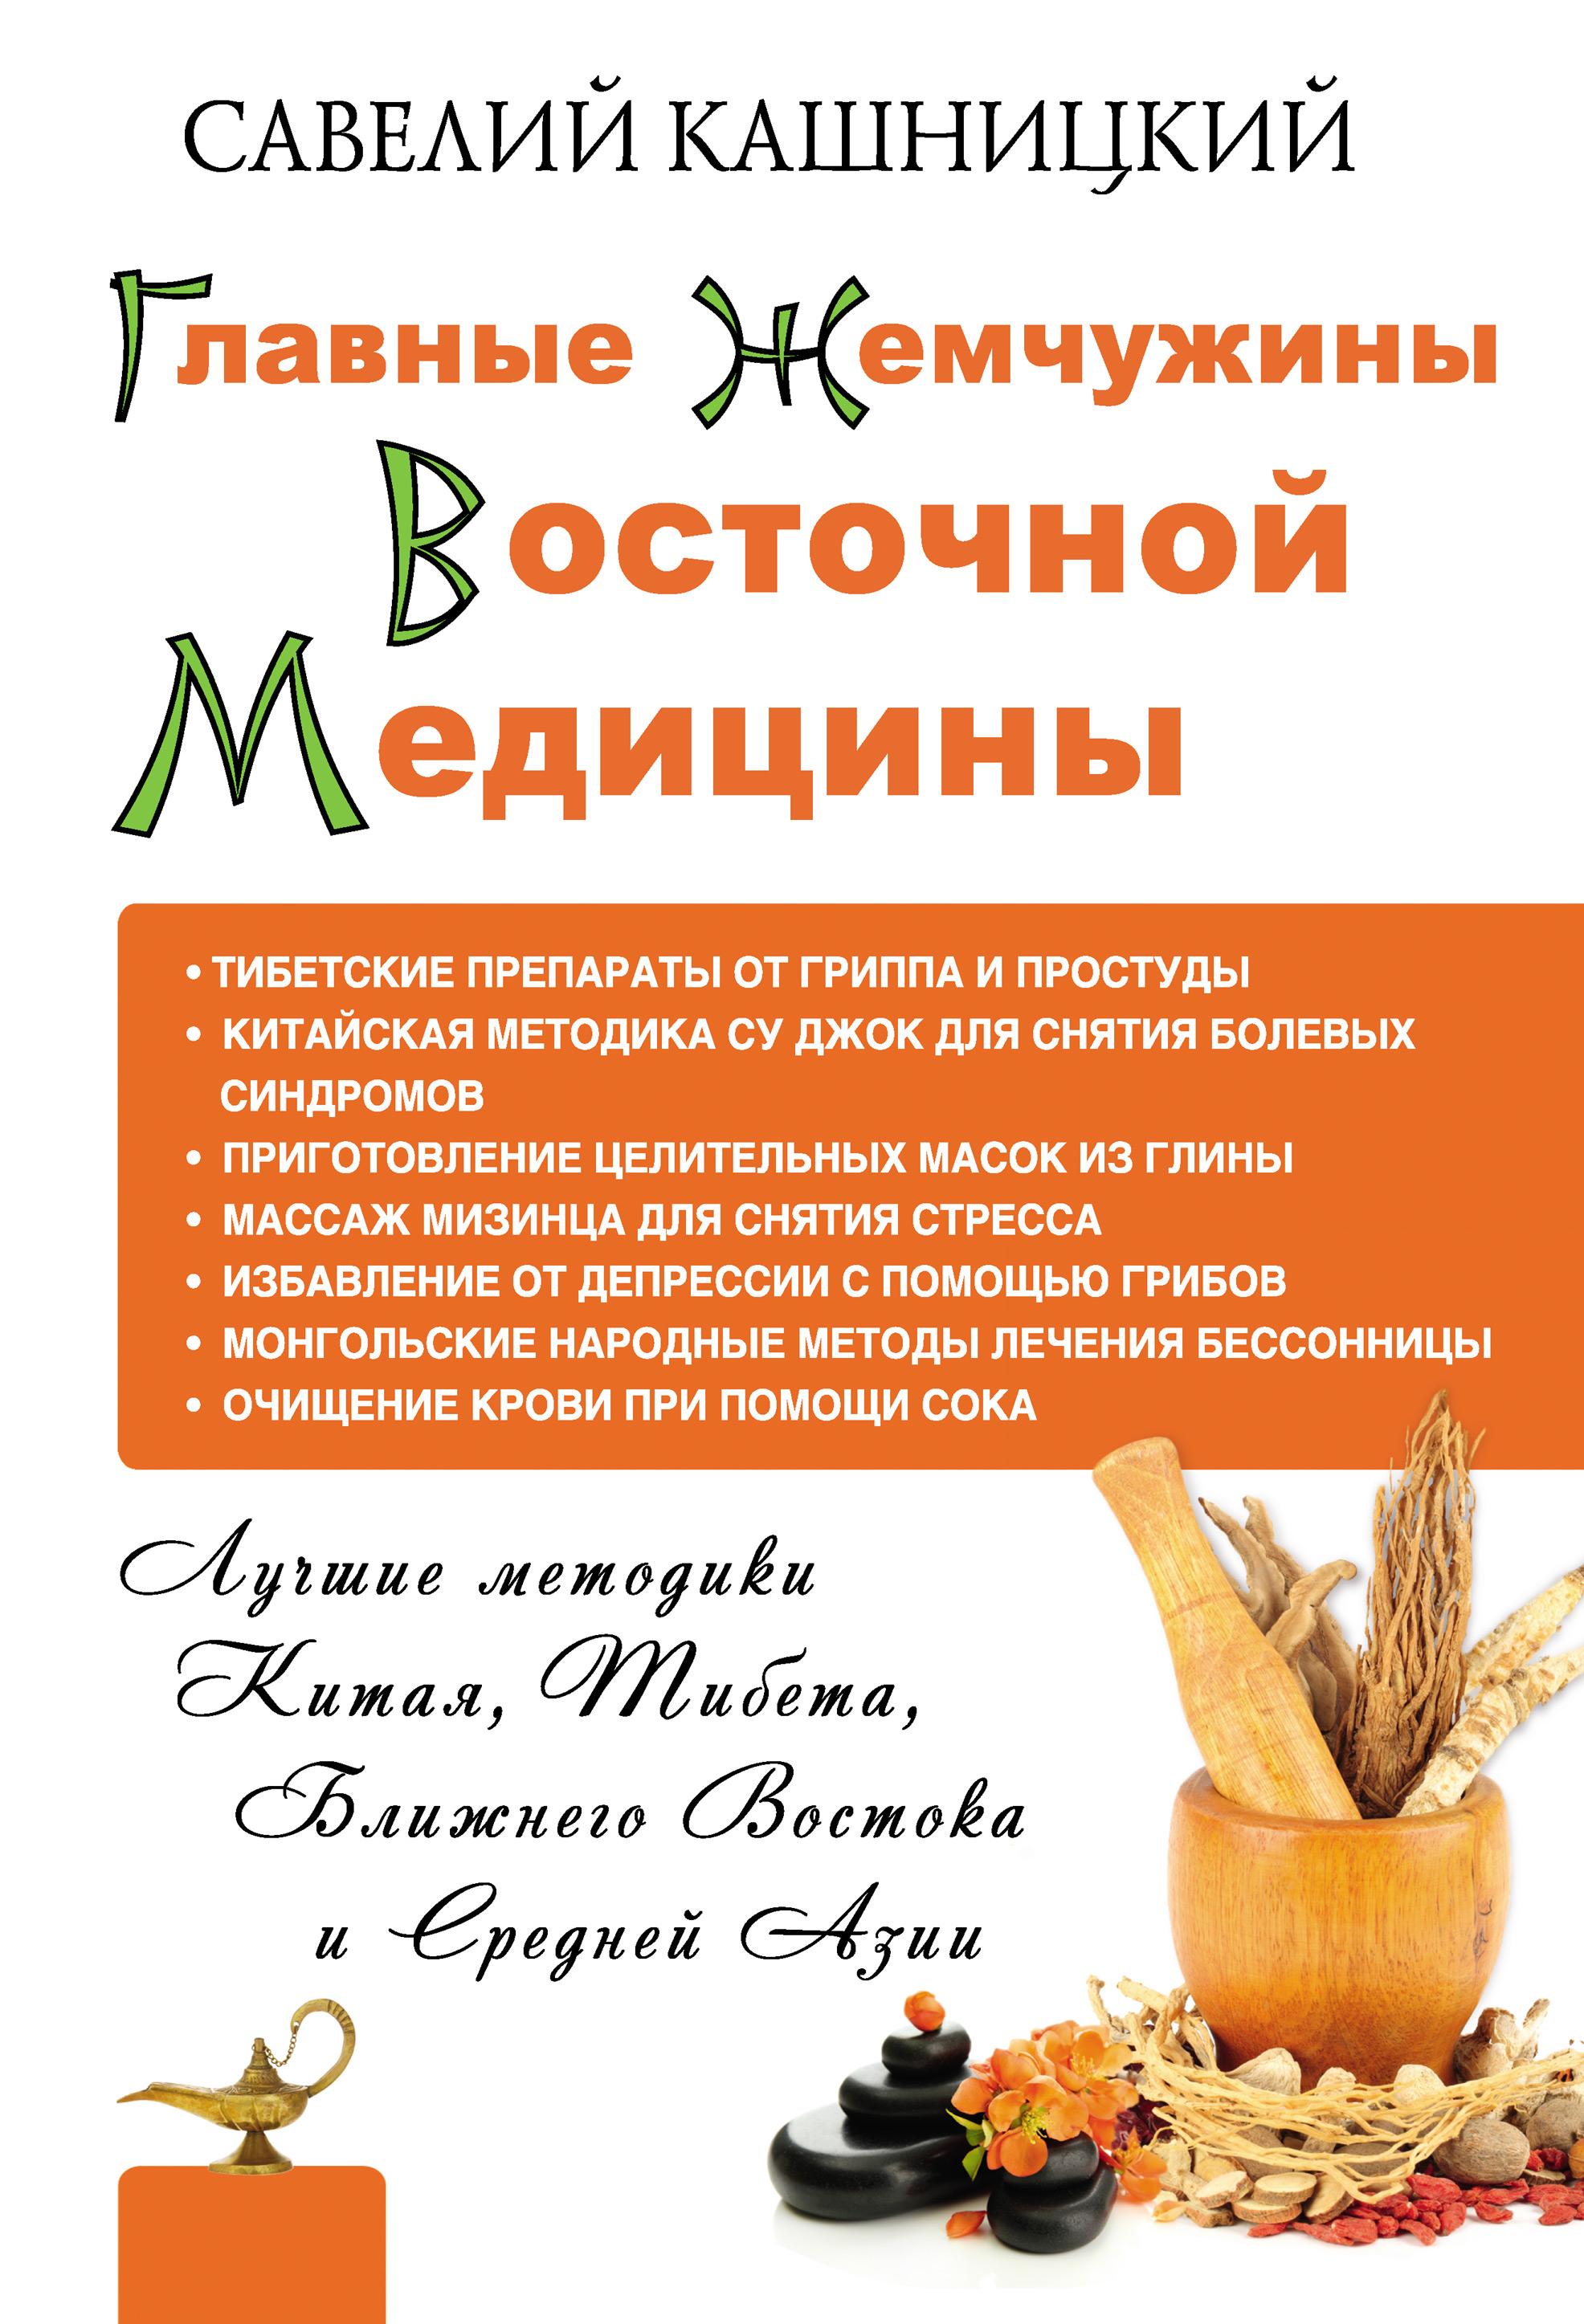 Савелий Кашницкий «Главные жемчужины восточной медицины»